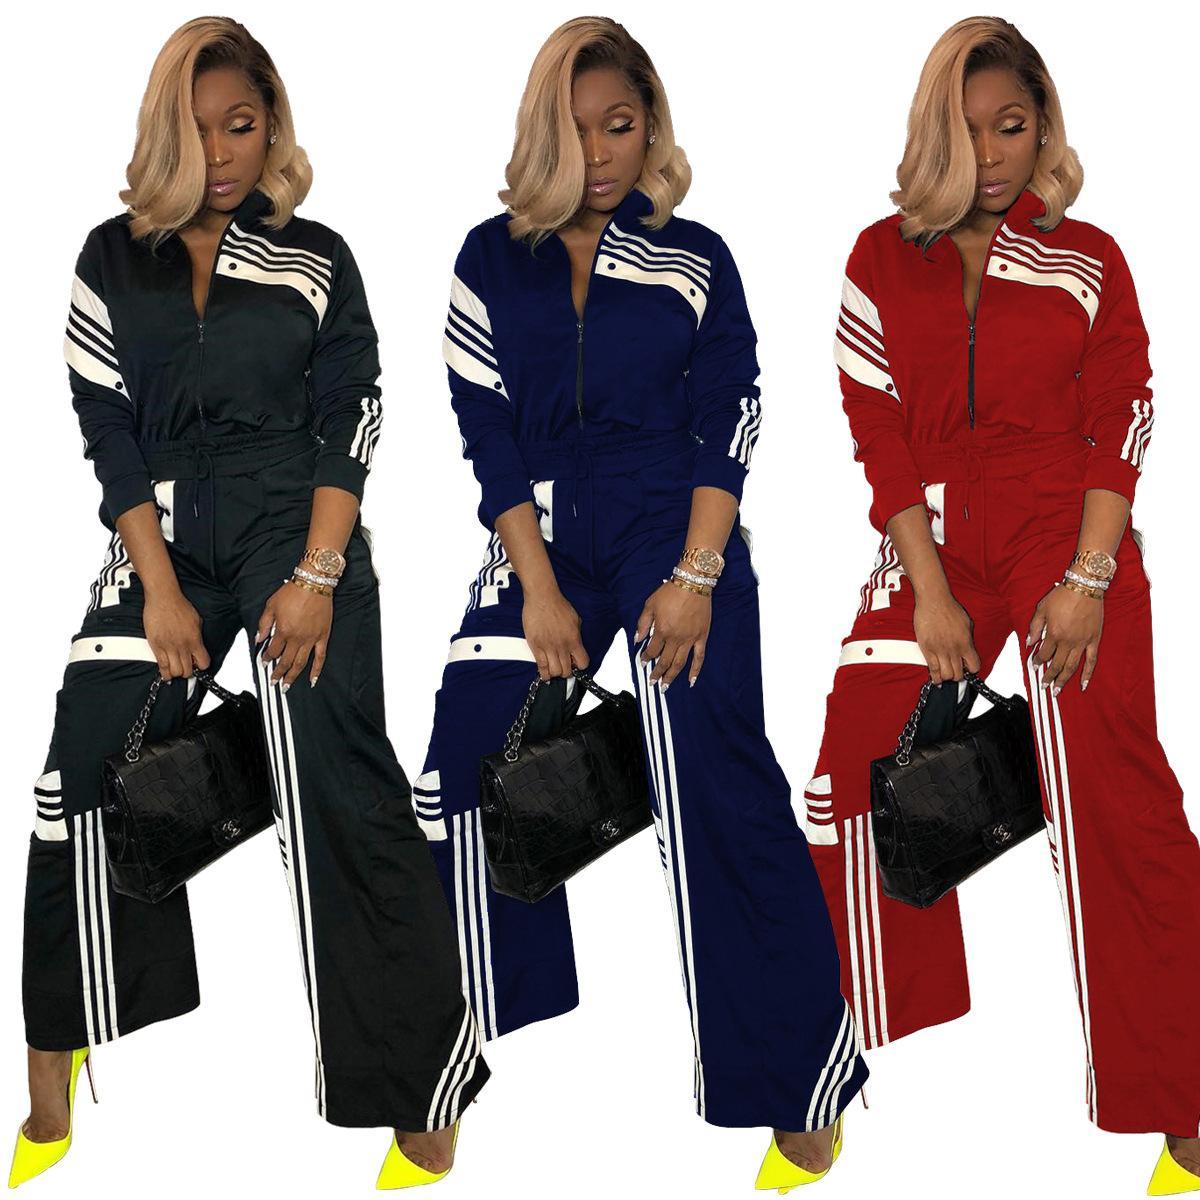 Striped Spliced Causal Trajes de 2 piezas Mujeres Frente Cremallera Abrigos de manga larga y pantalones anchos Traje Otoño Traje de calle Nueva llegada